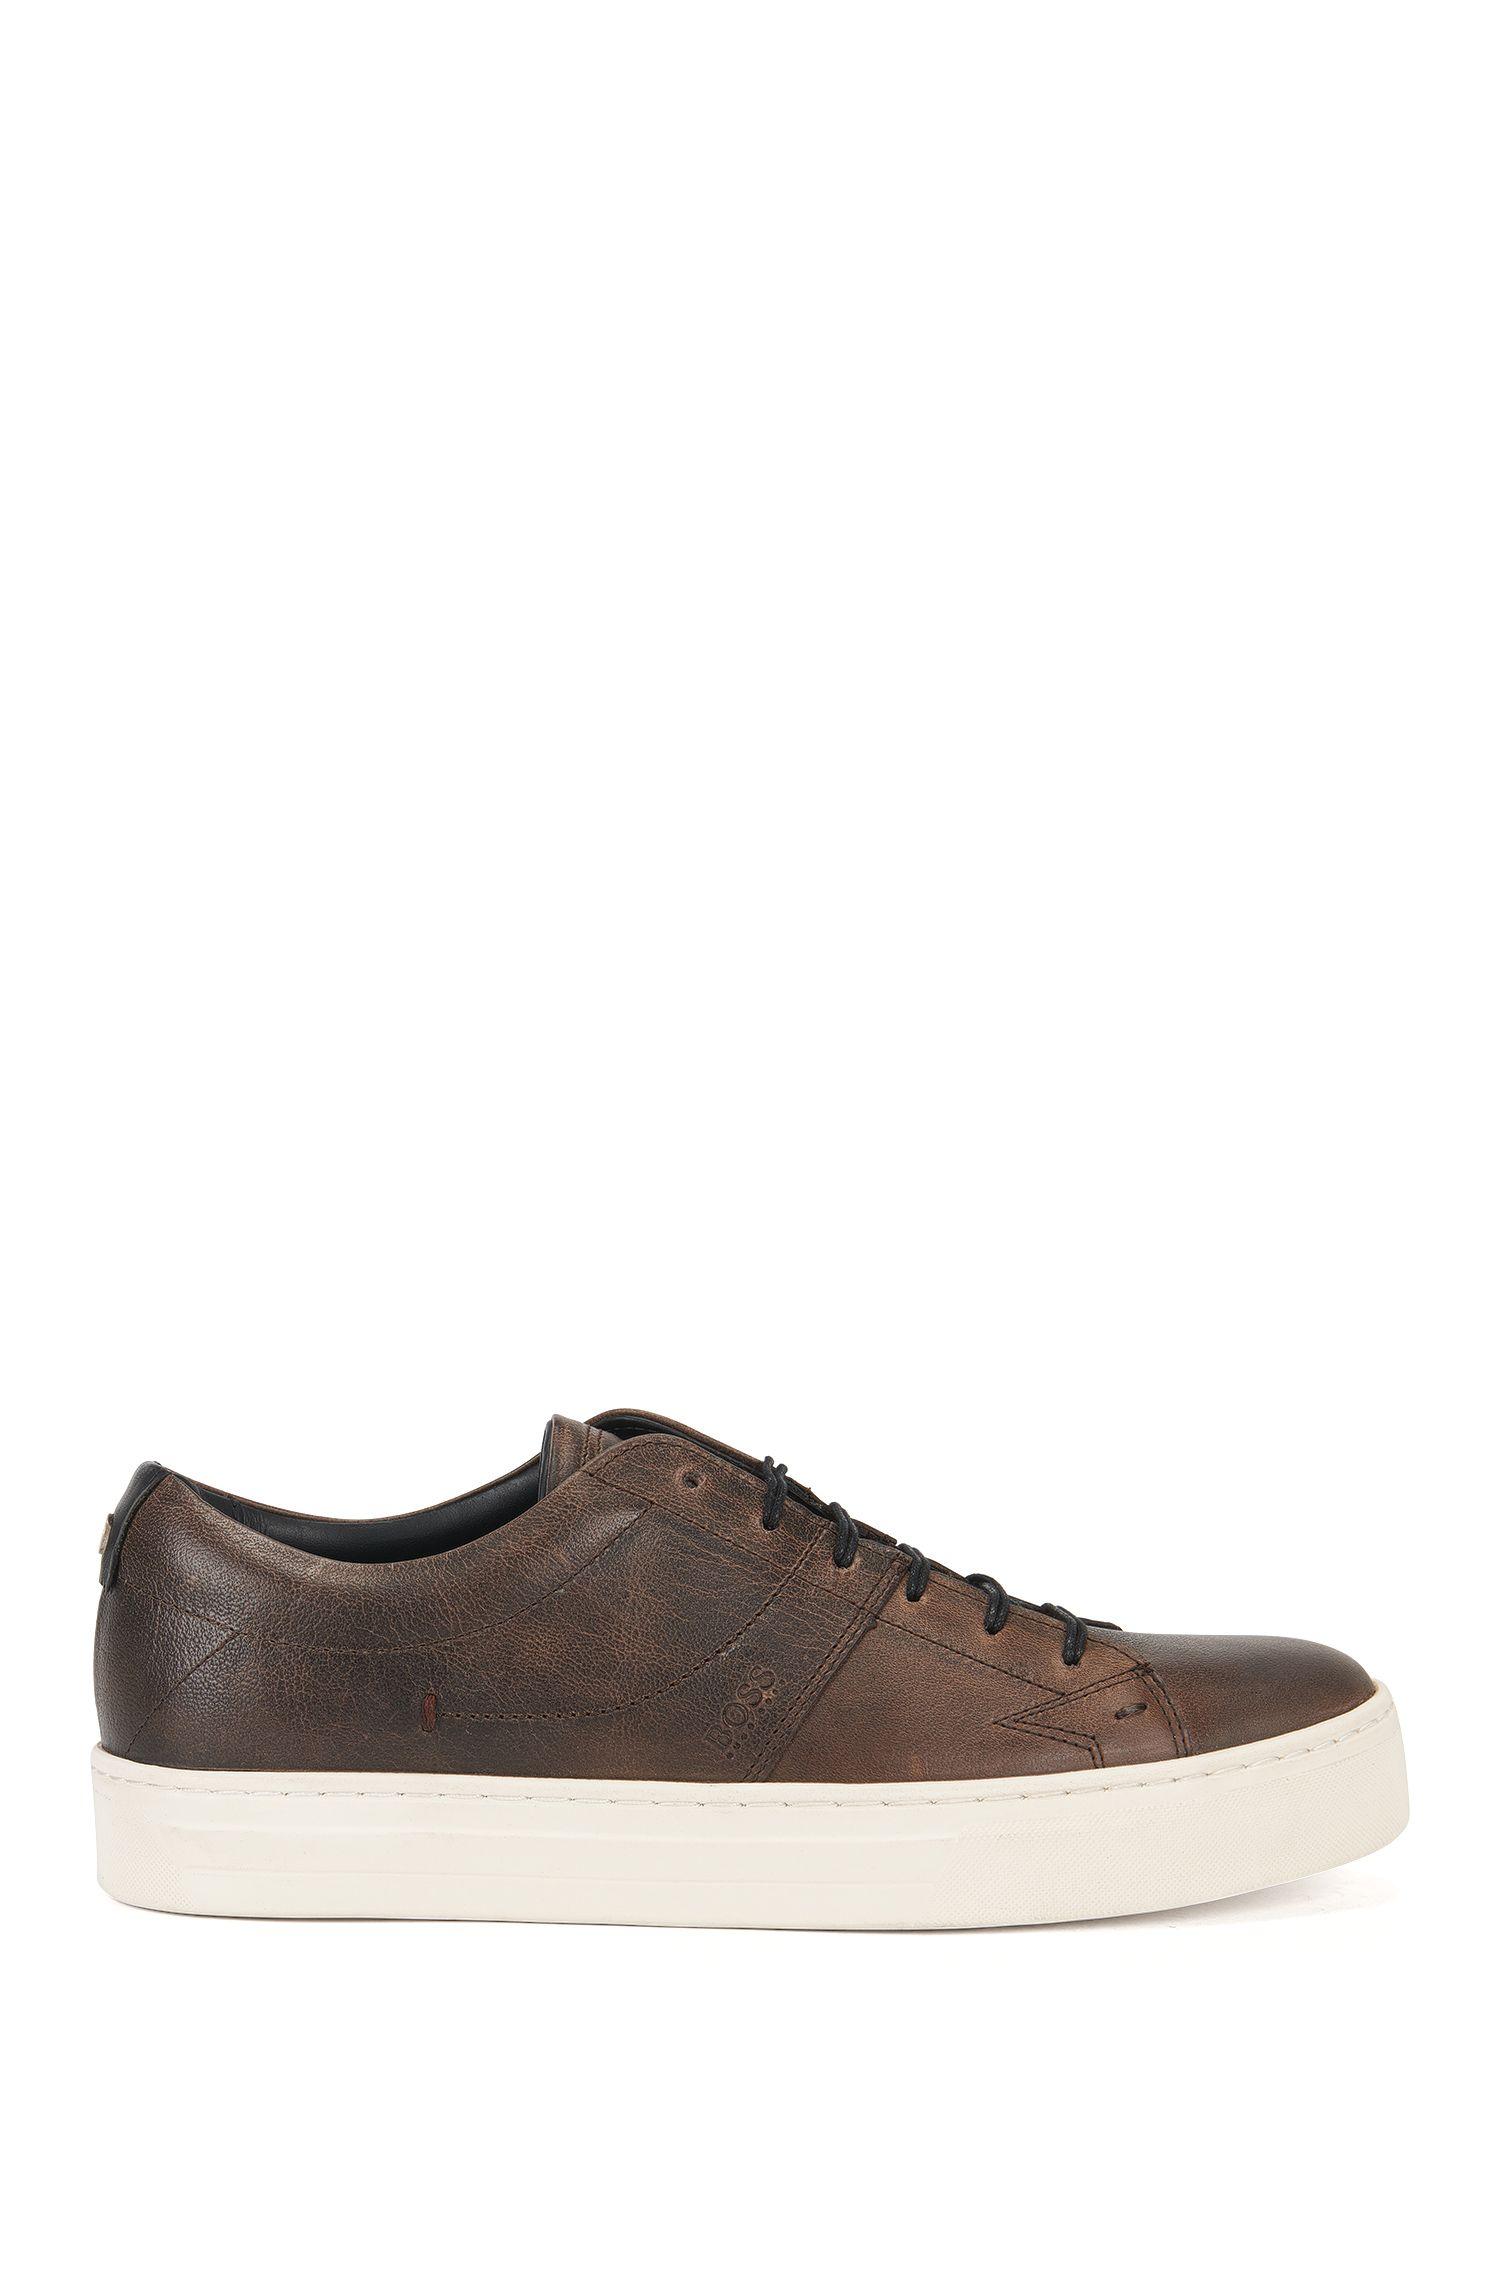 'Noir Tenn Pp' | Full-Grain Leather Tennis Shoes